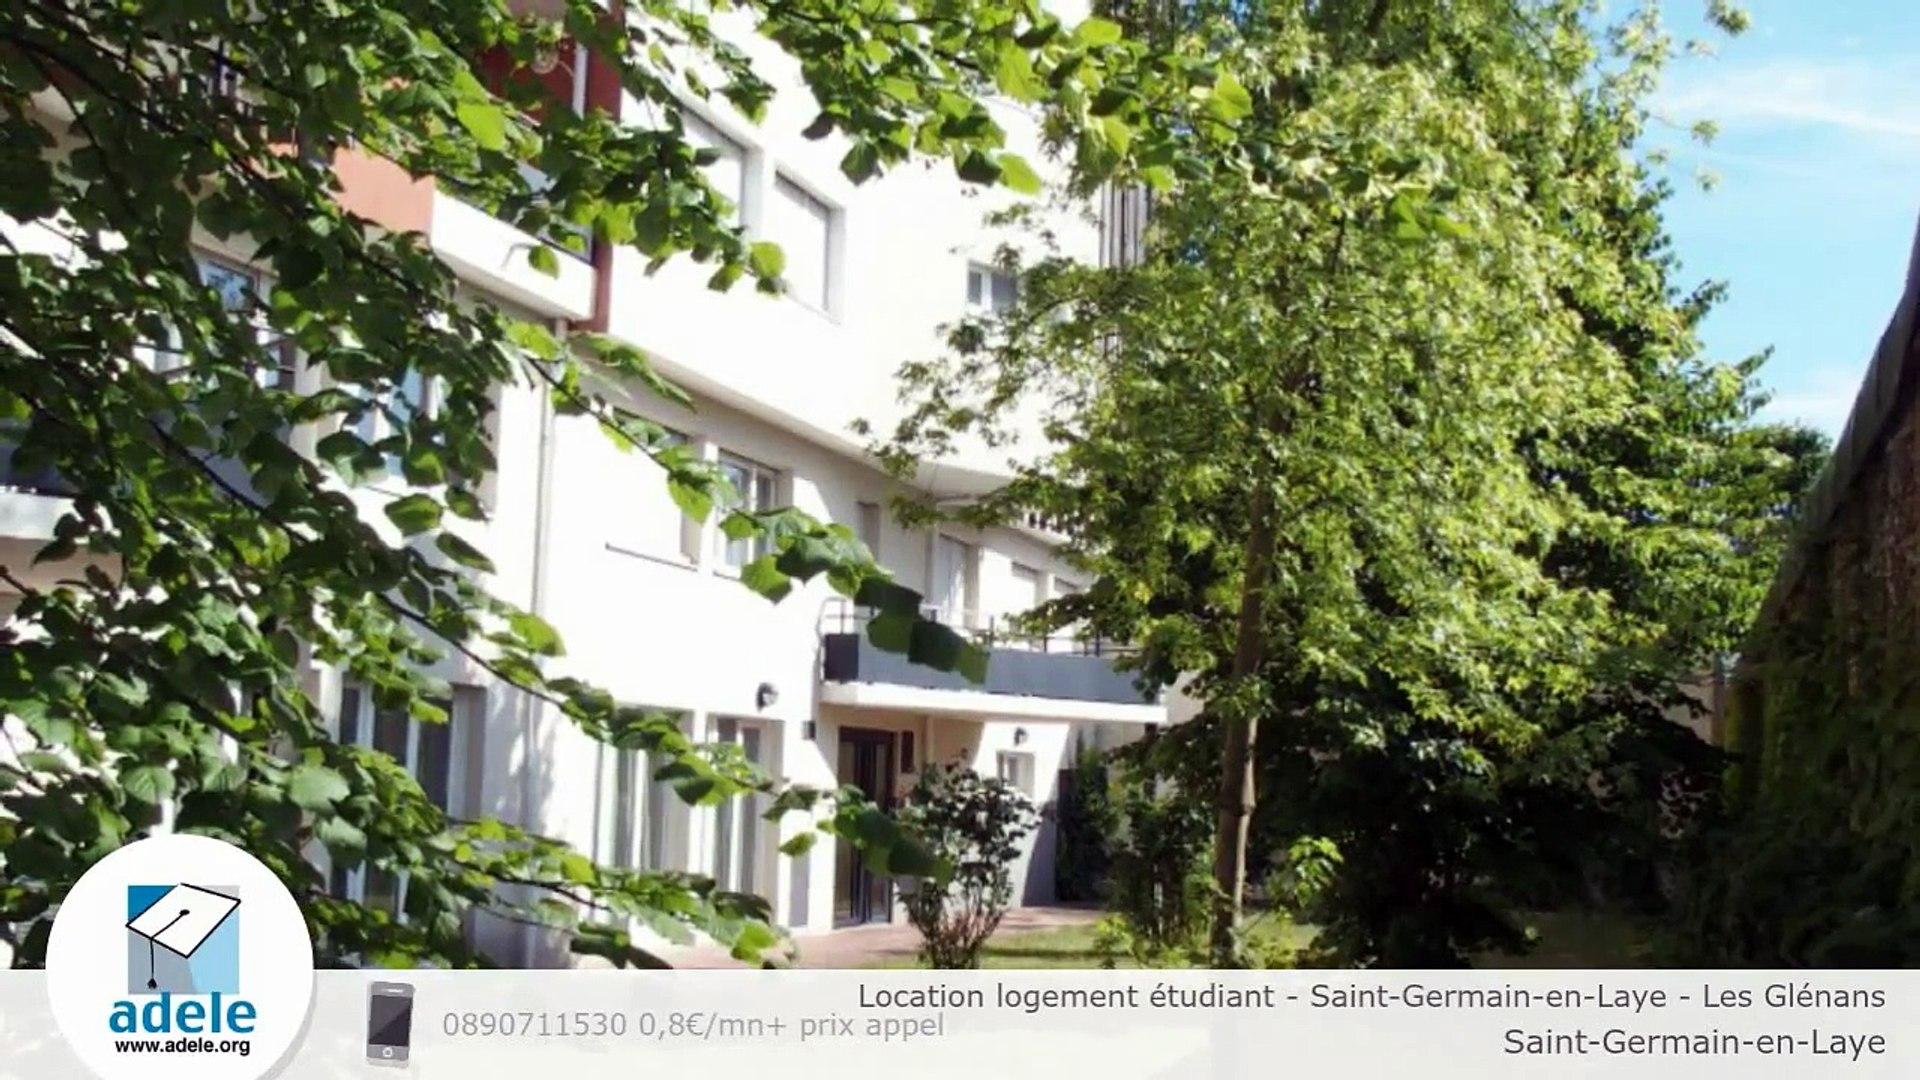 Home St Germain En Laye location logement étudiant - saint-germain-en-laye - les glénans